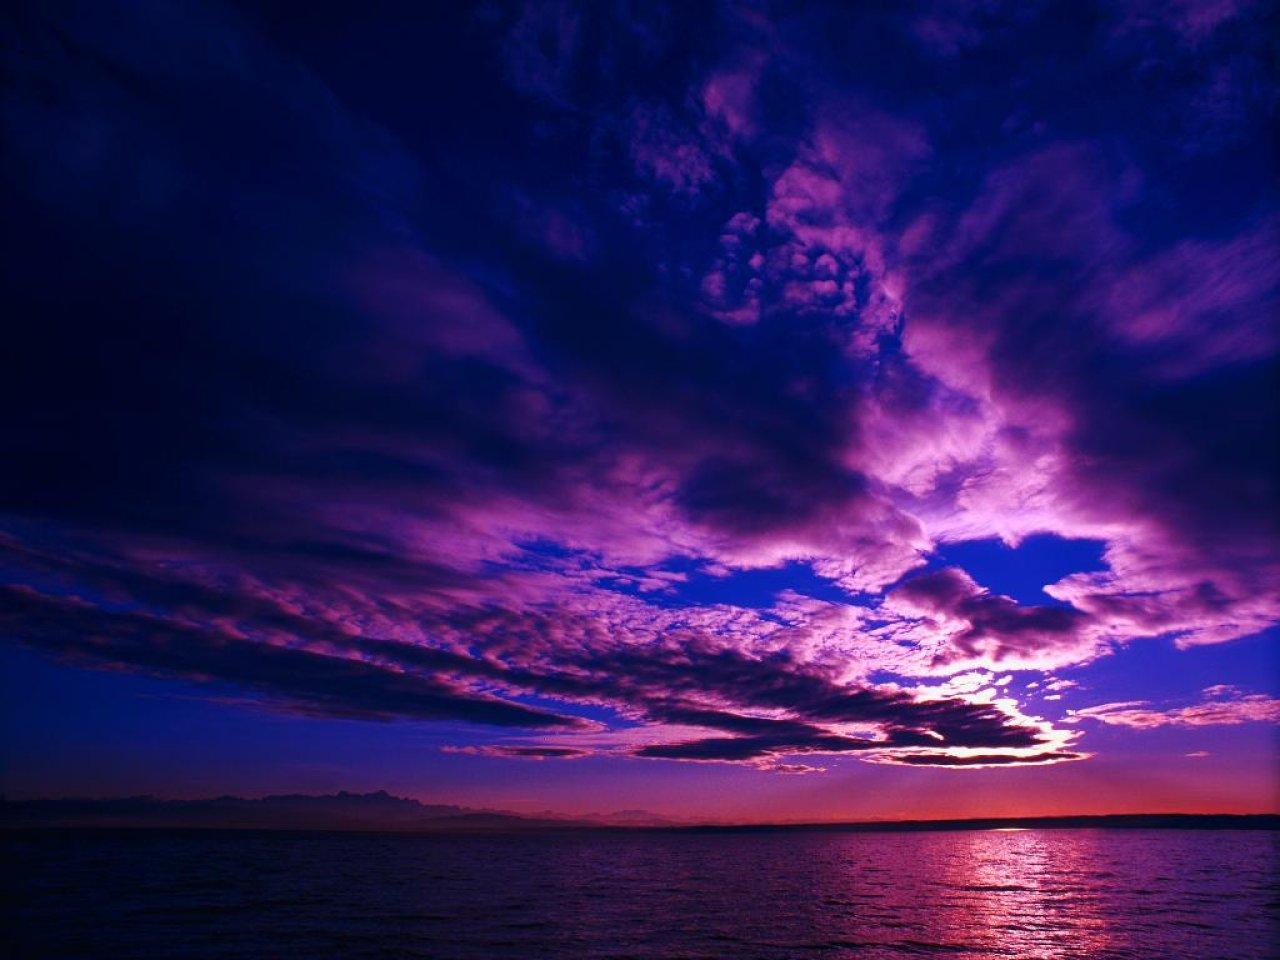 http://3.bp.blogspot.com/_2k-NXSh3-K0/TKJHnE1uqmI/AAAAAAAAABw/ZlAlW6zvPXU/s1600/25_PurpleSky_scenic_wallpaper_x.jpg